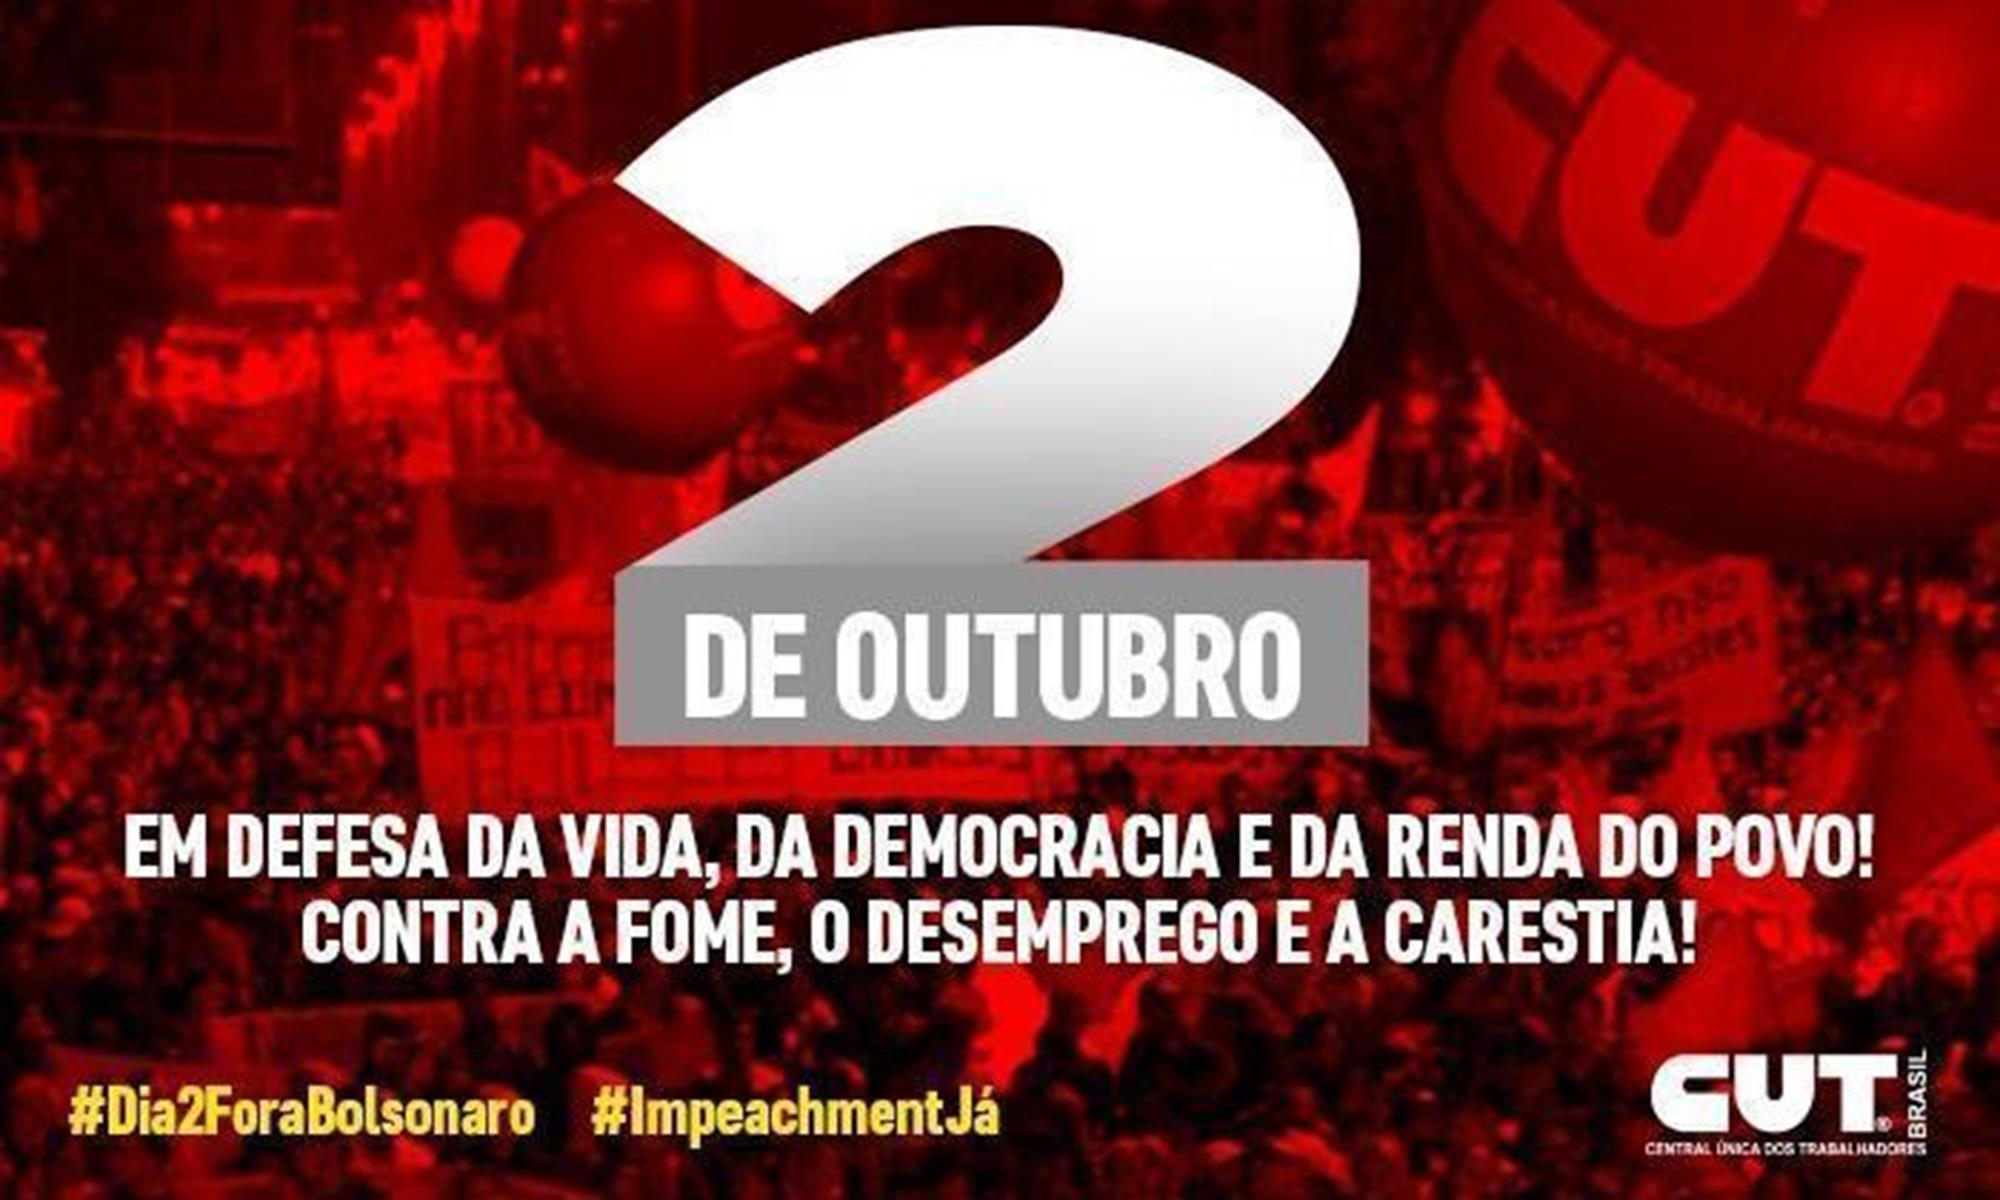 cut, ato, mobilização, bolsonaro,, Divulgação